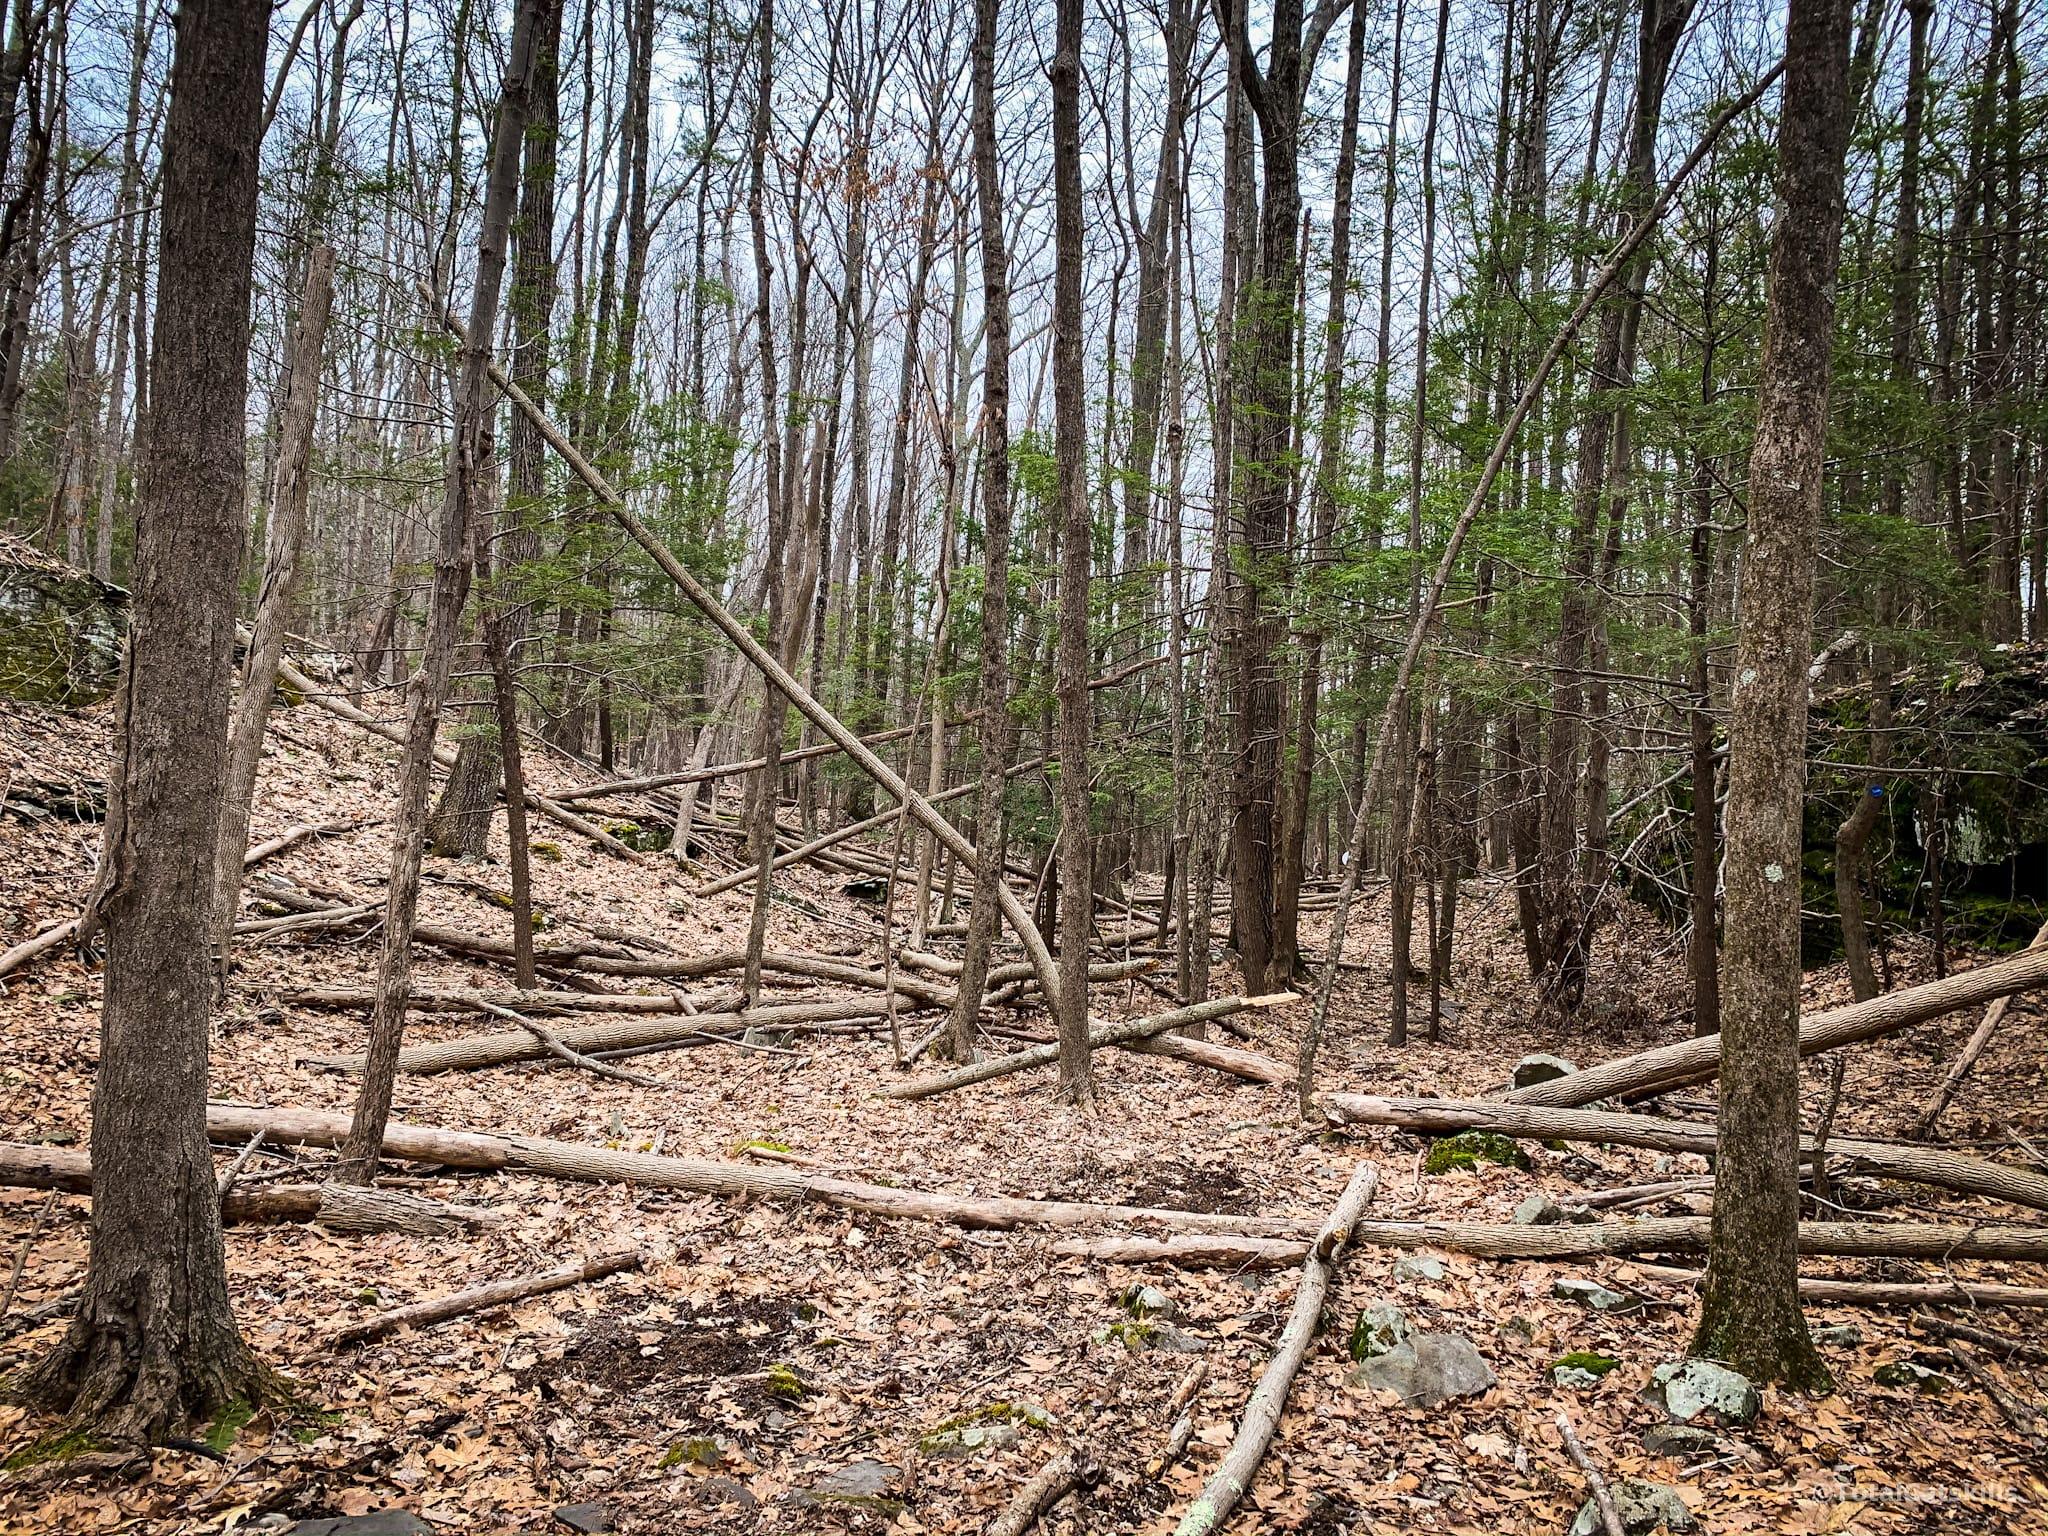 fallen trees in woods